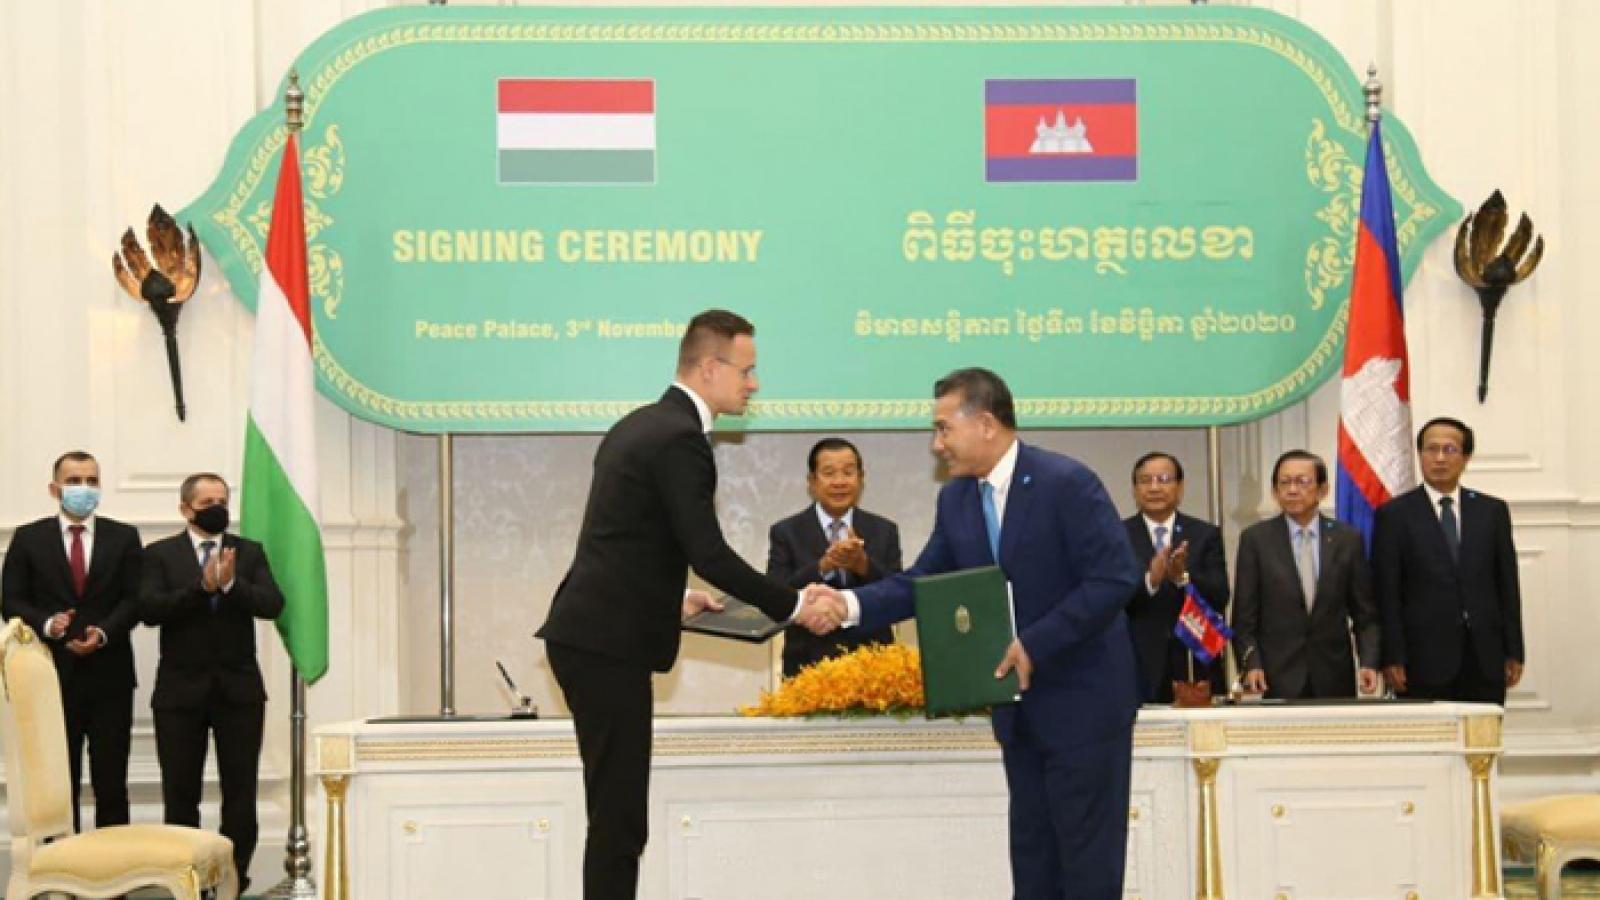 Campuchia cách ly toàn bộ lãnh đạo và cán bộ tiếp xúc với Ngoại trưởng Hungary